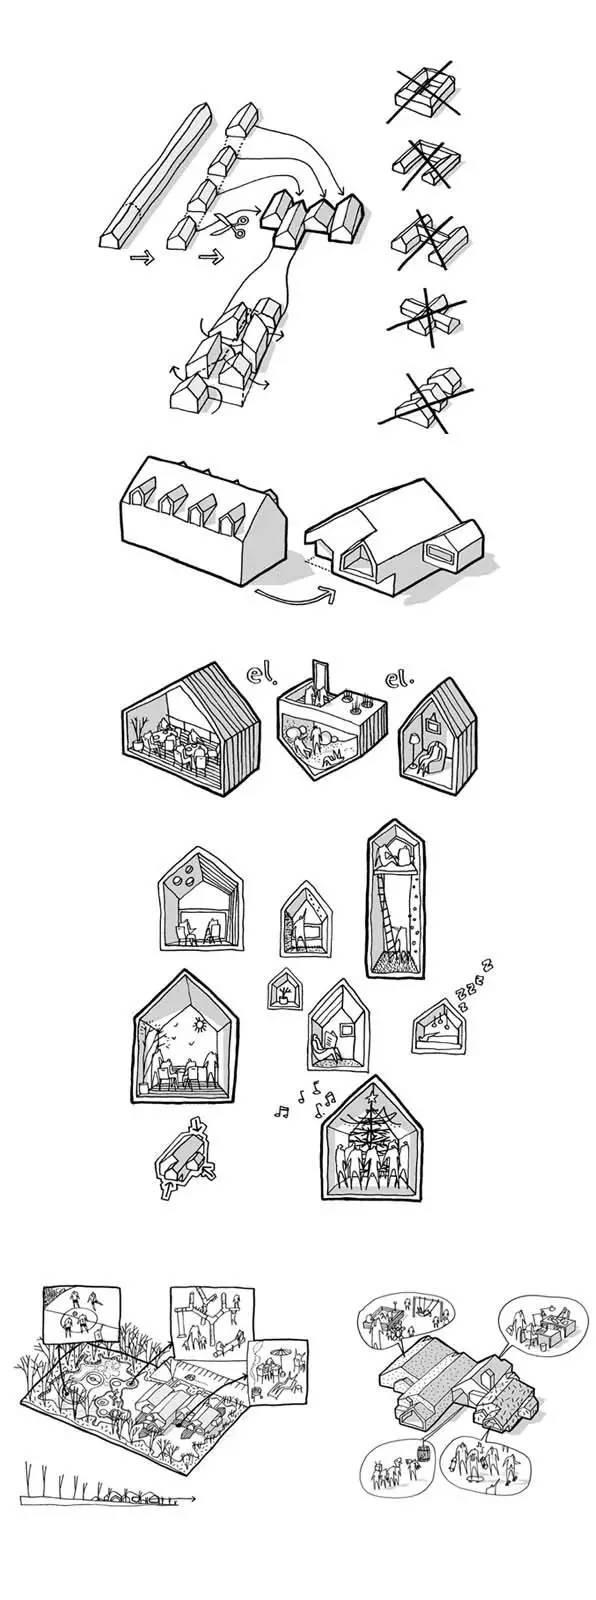 把建筑画成卡通风-2a20007f01aeab1d513.jpg